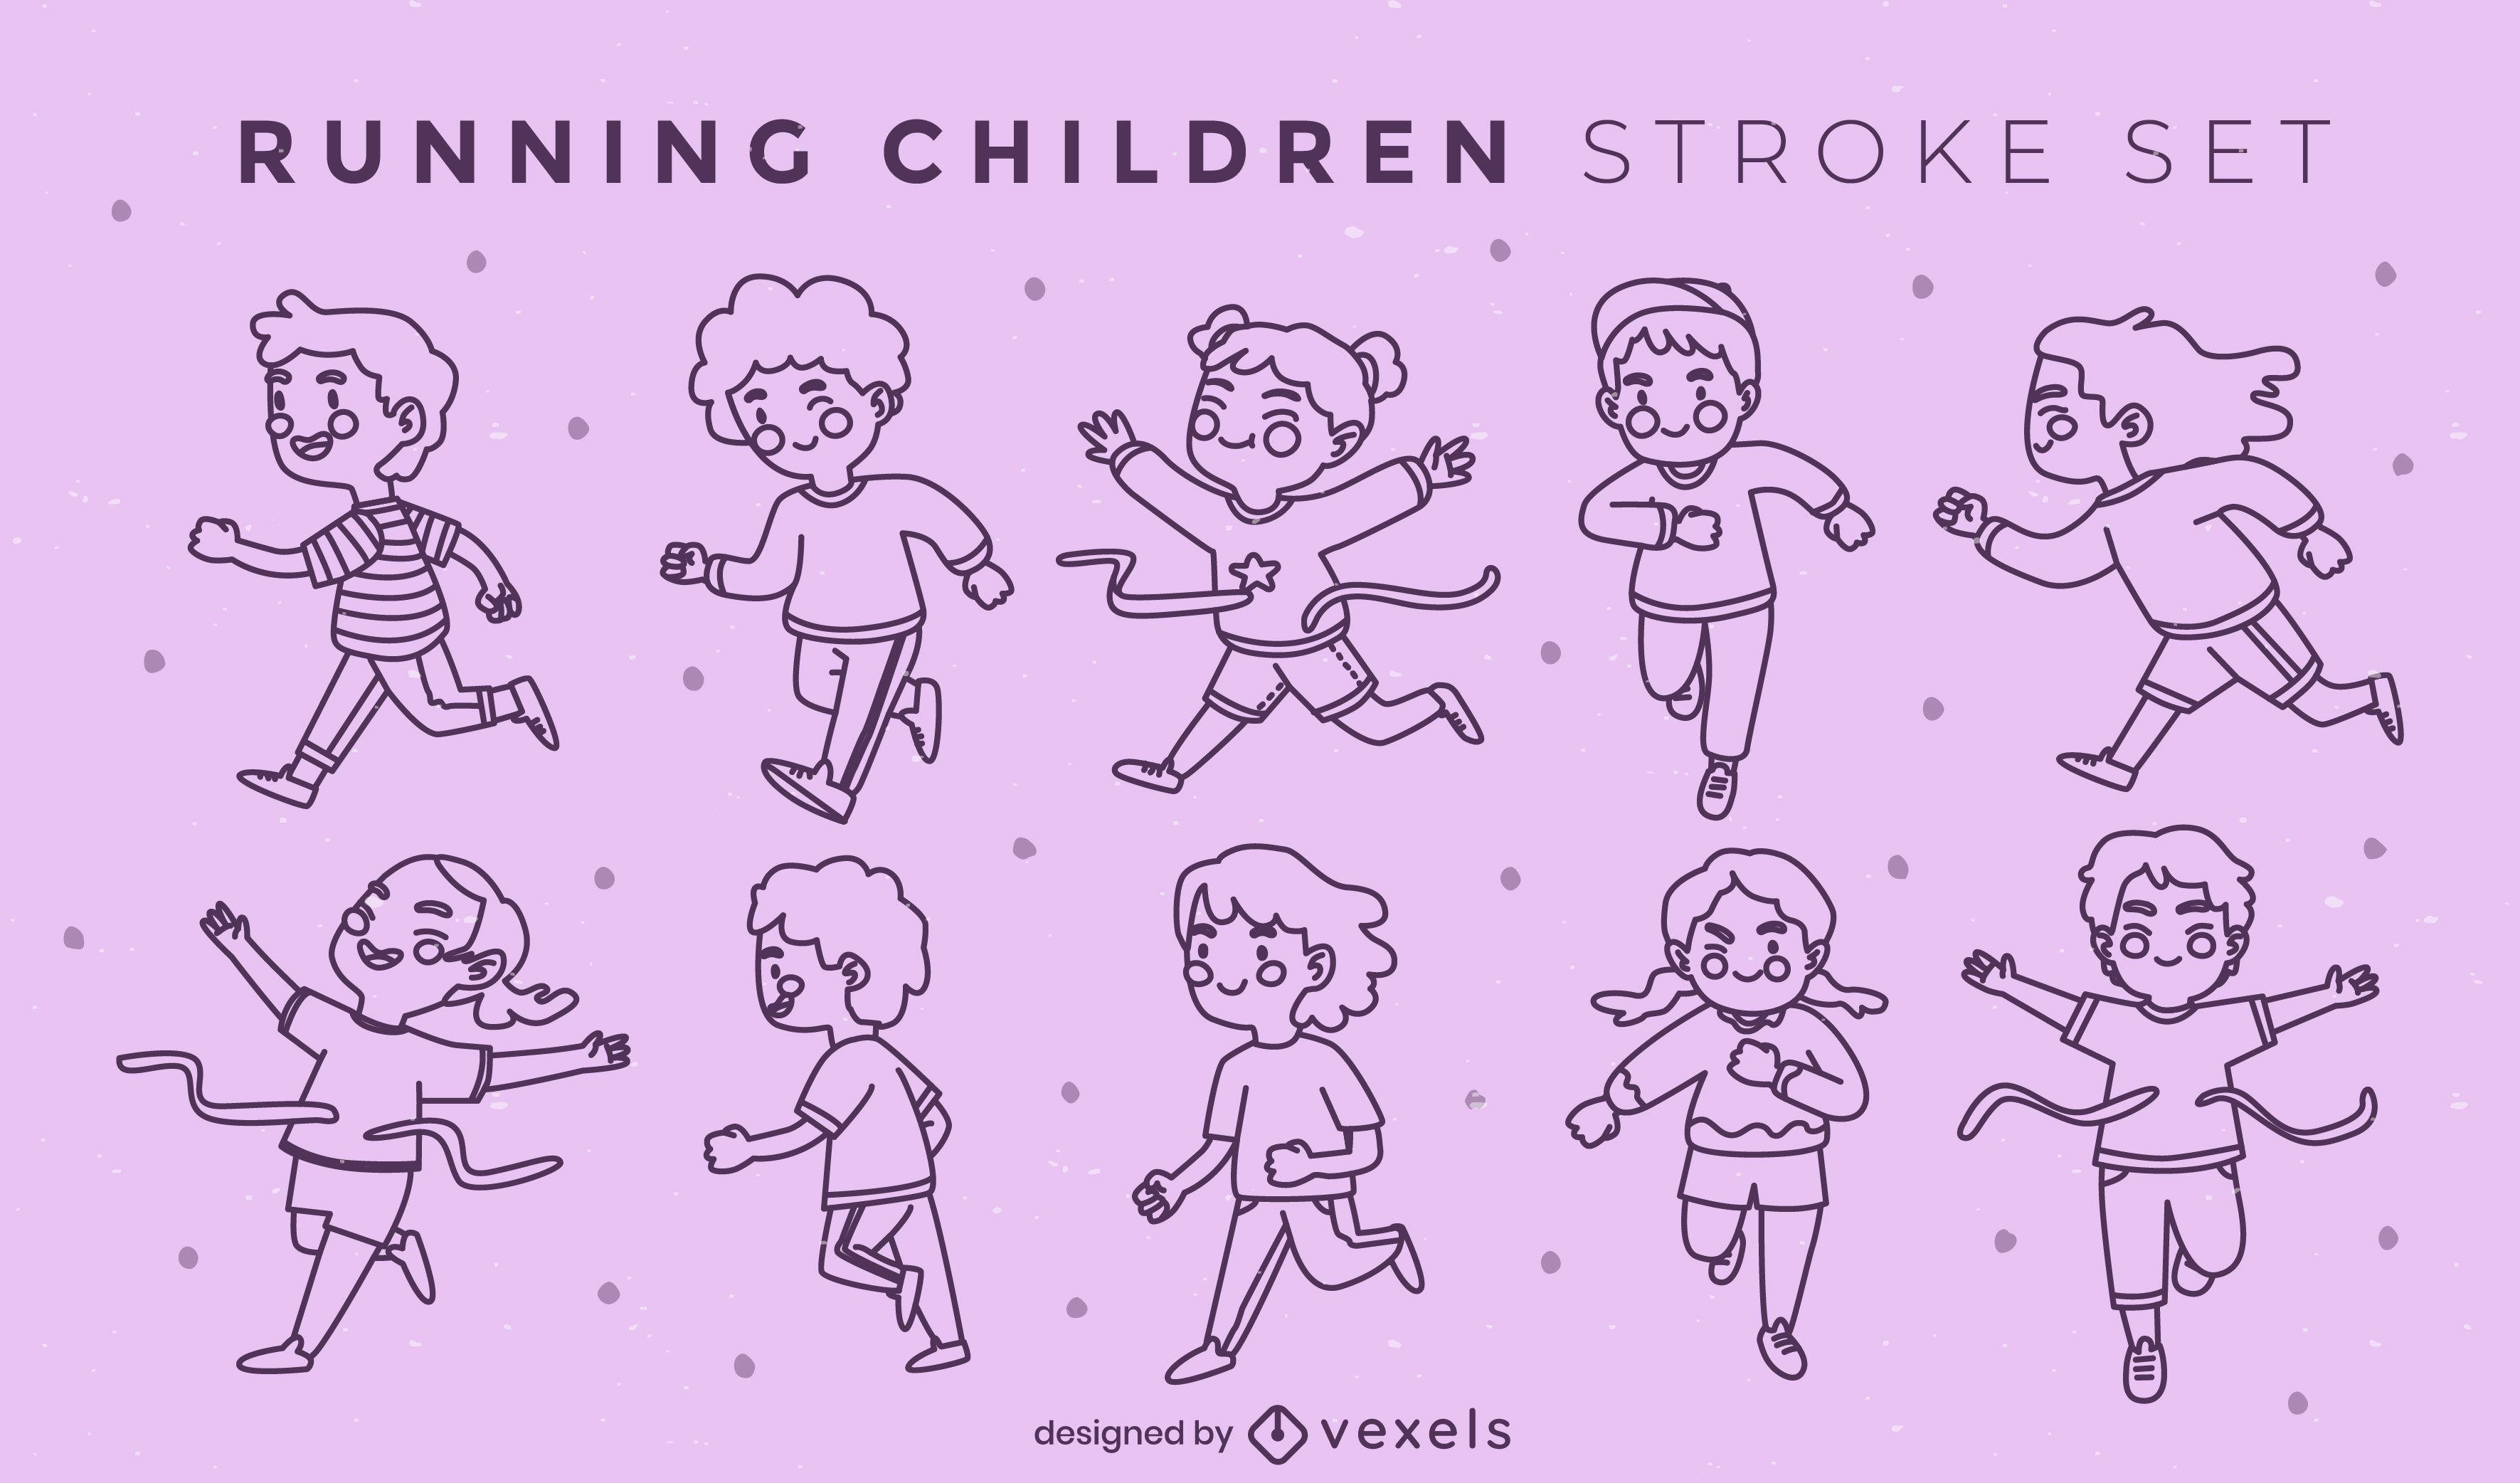 Kinderfiguren, die einen Strichsatz ausführen